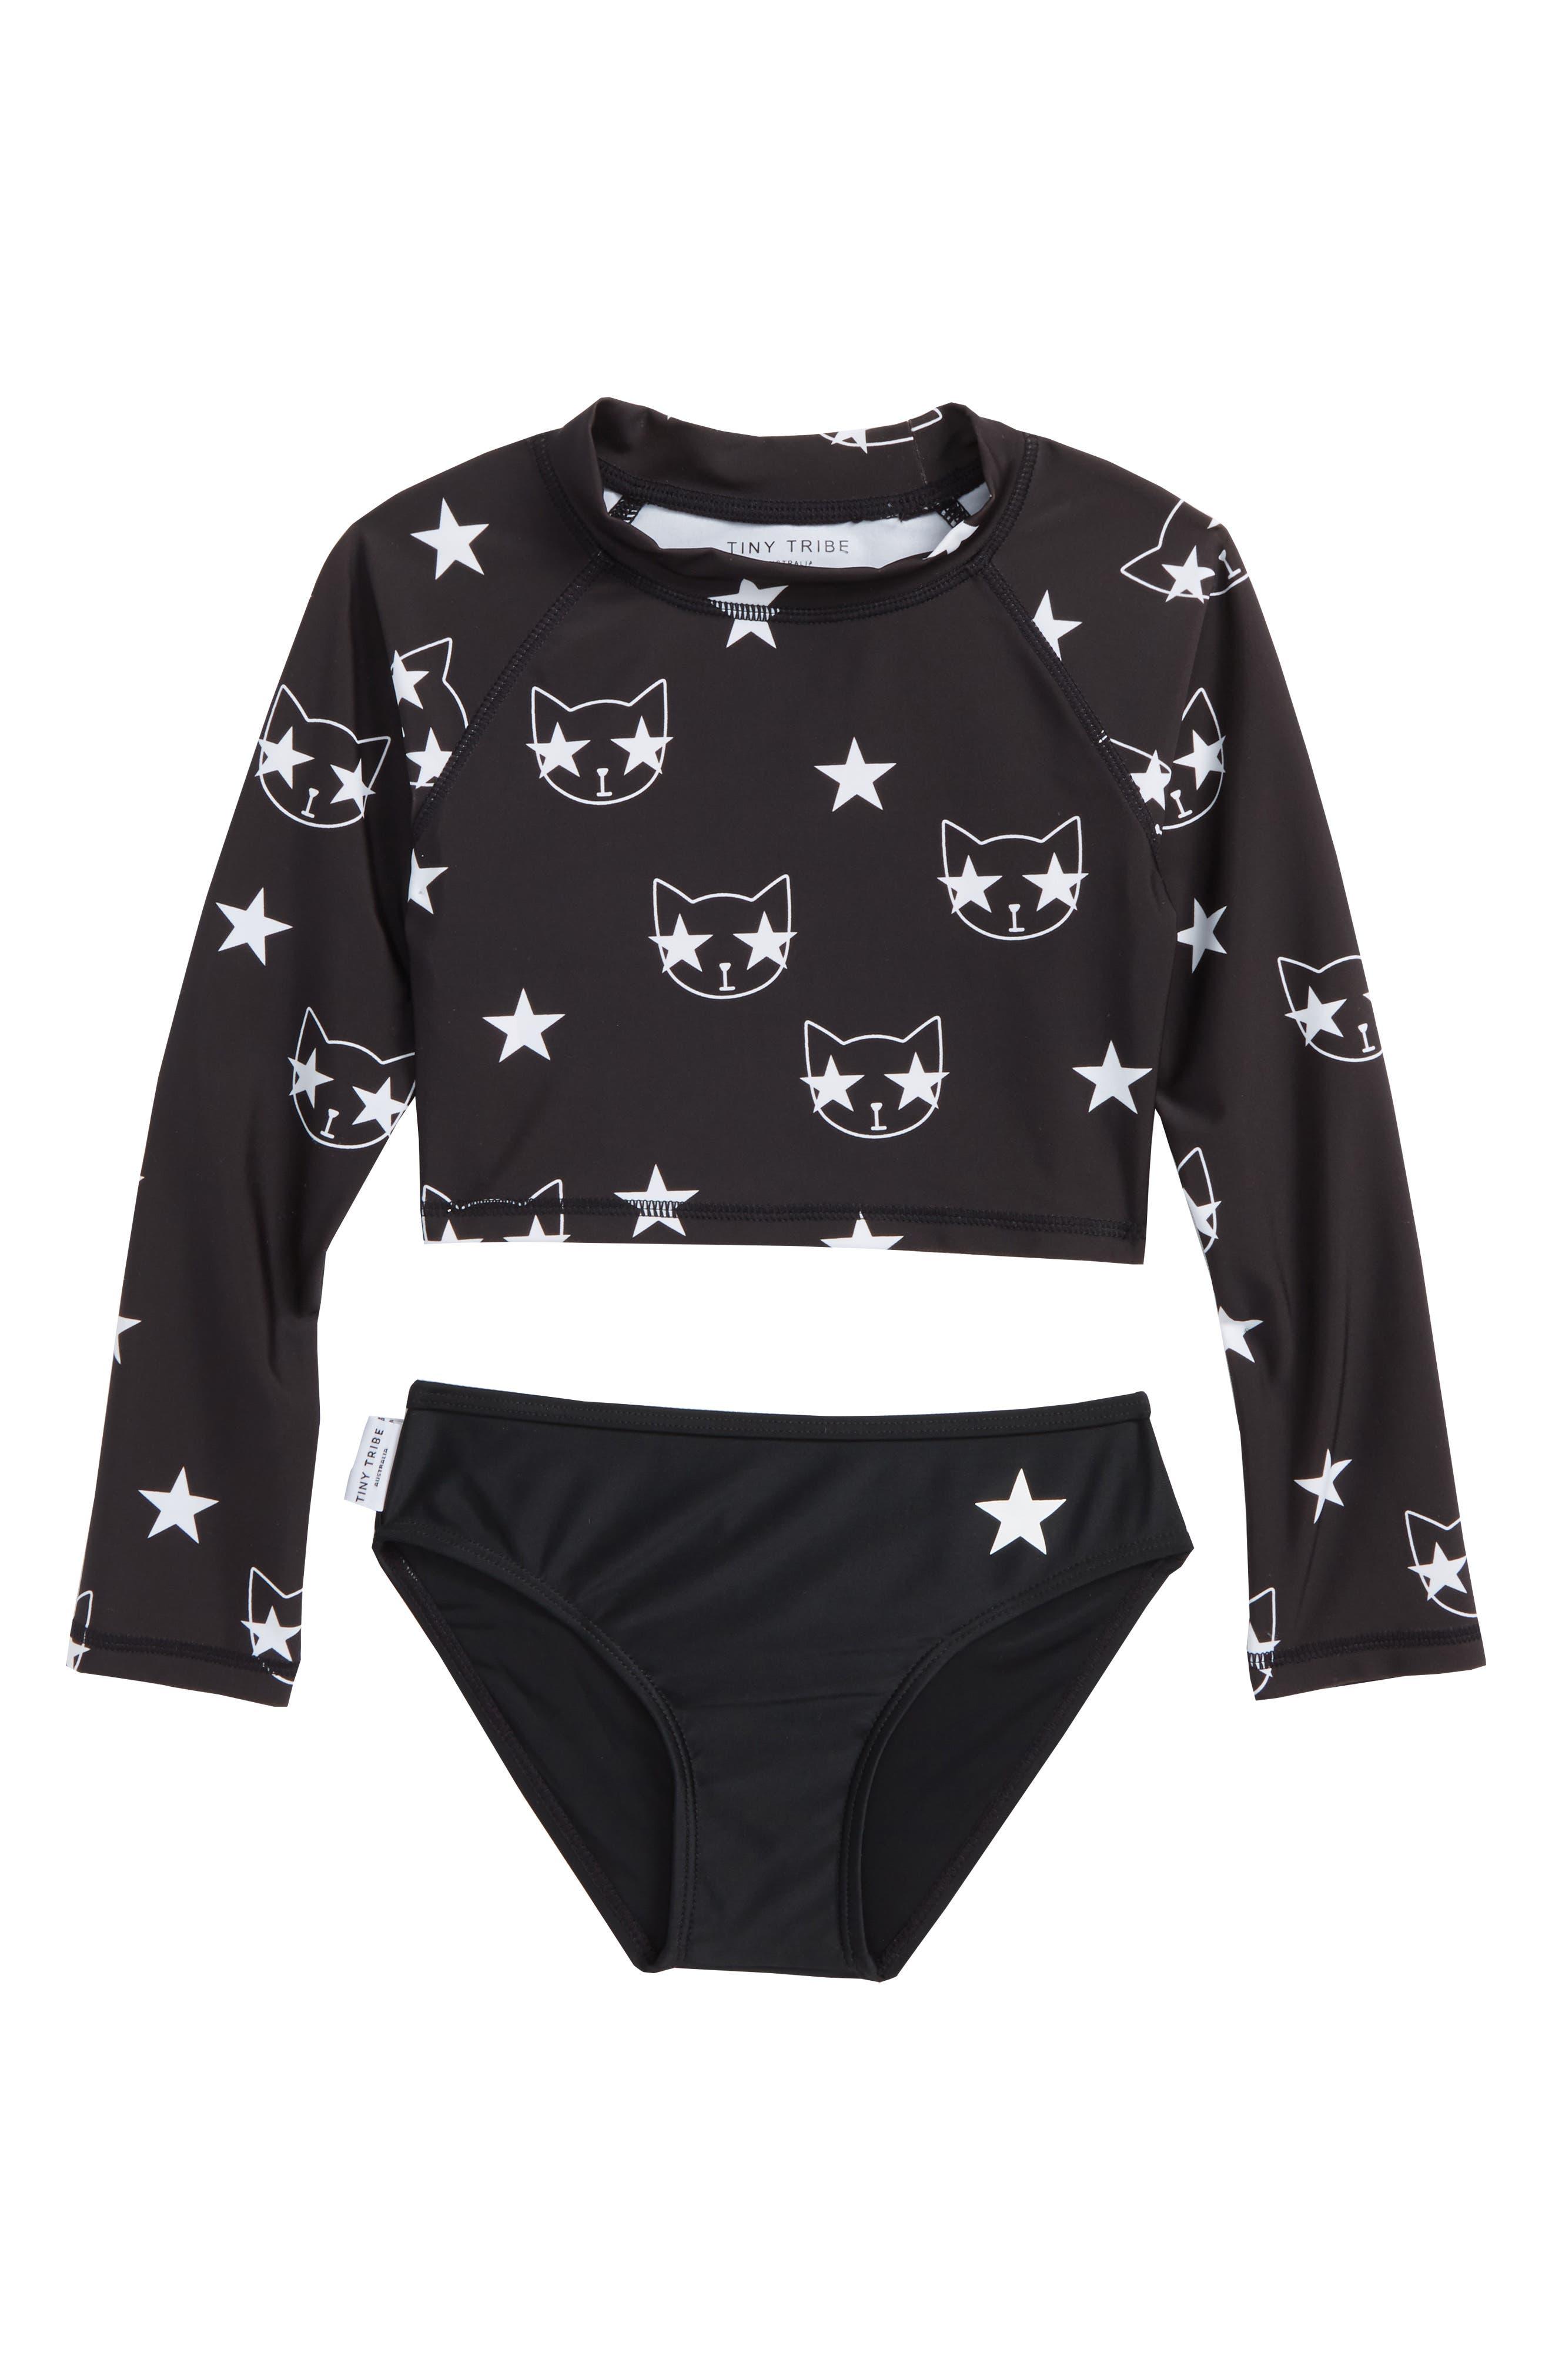 Starcat Two-Piece Rashguard Swimsuit,                             Main thumbnail 1, color,                             Black